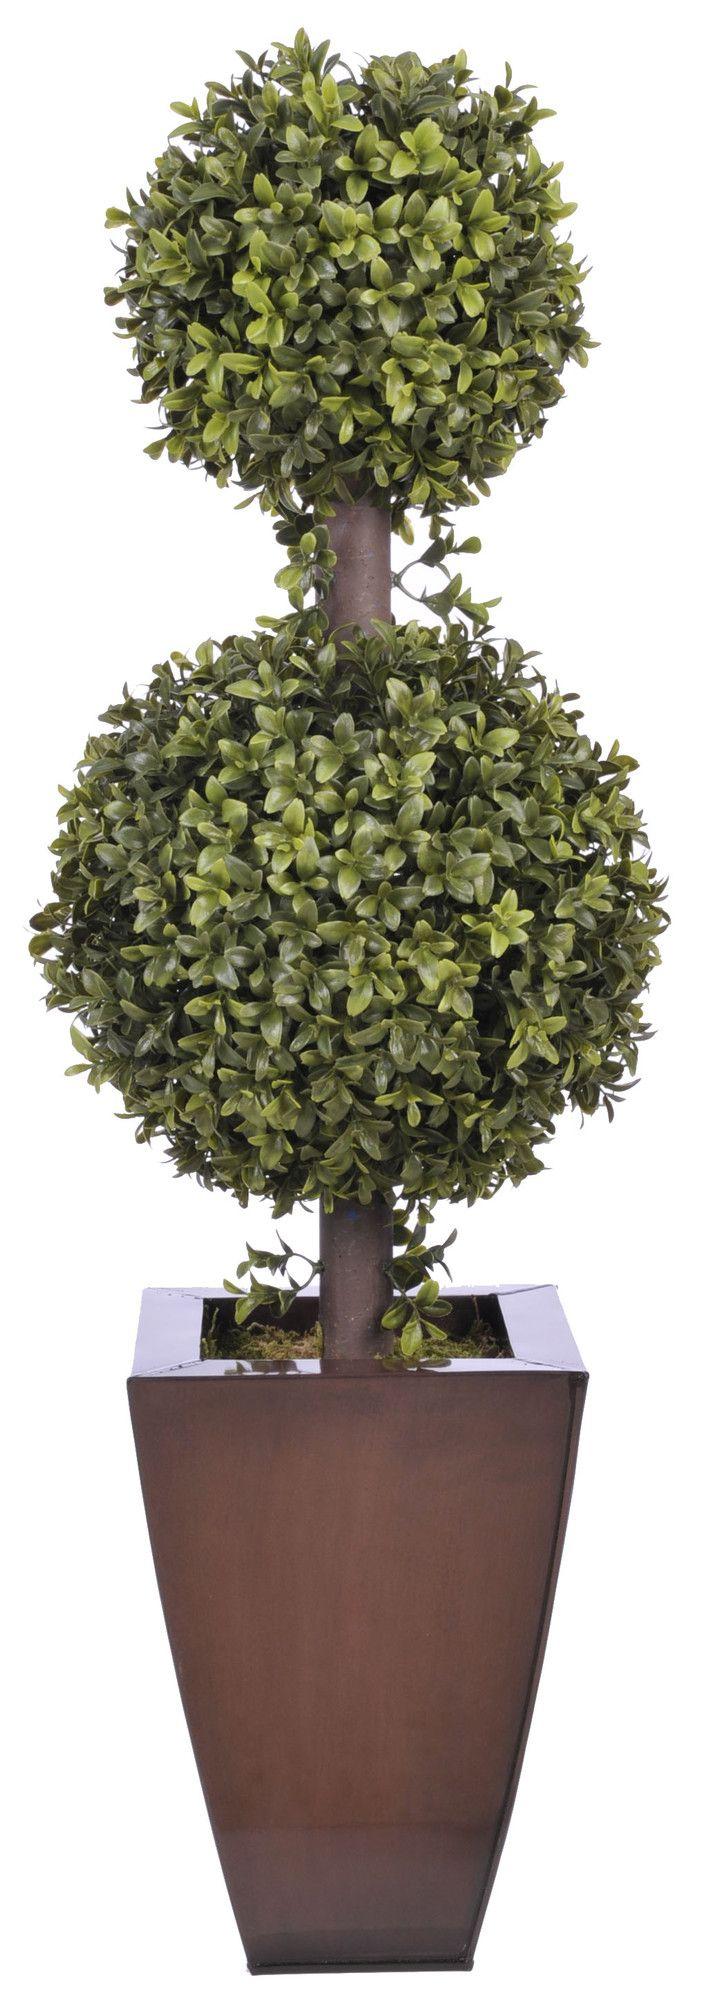 Artificial Plants Indoor Diy